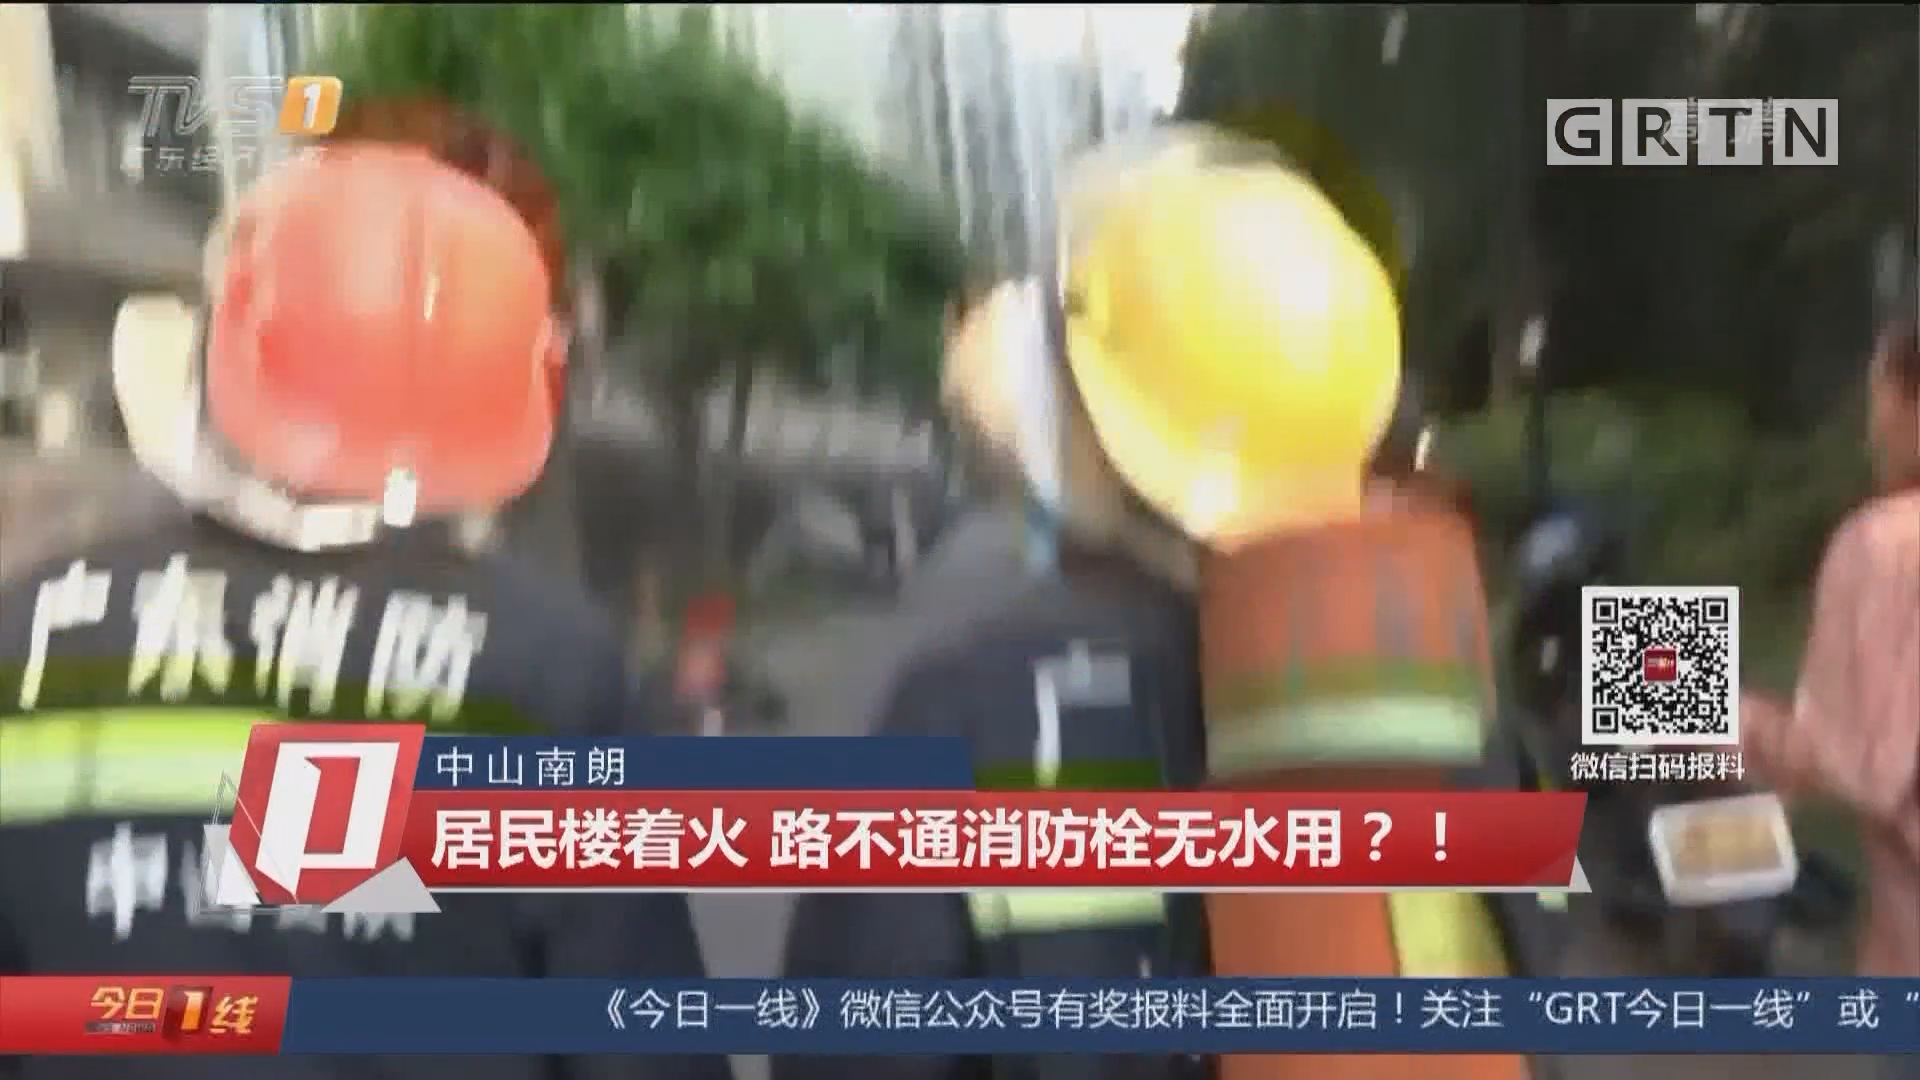 中山南朗:居民楼着火 路不通消防栓无水用?!